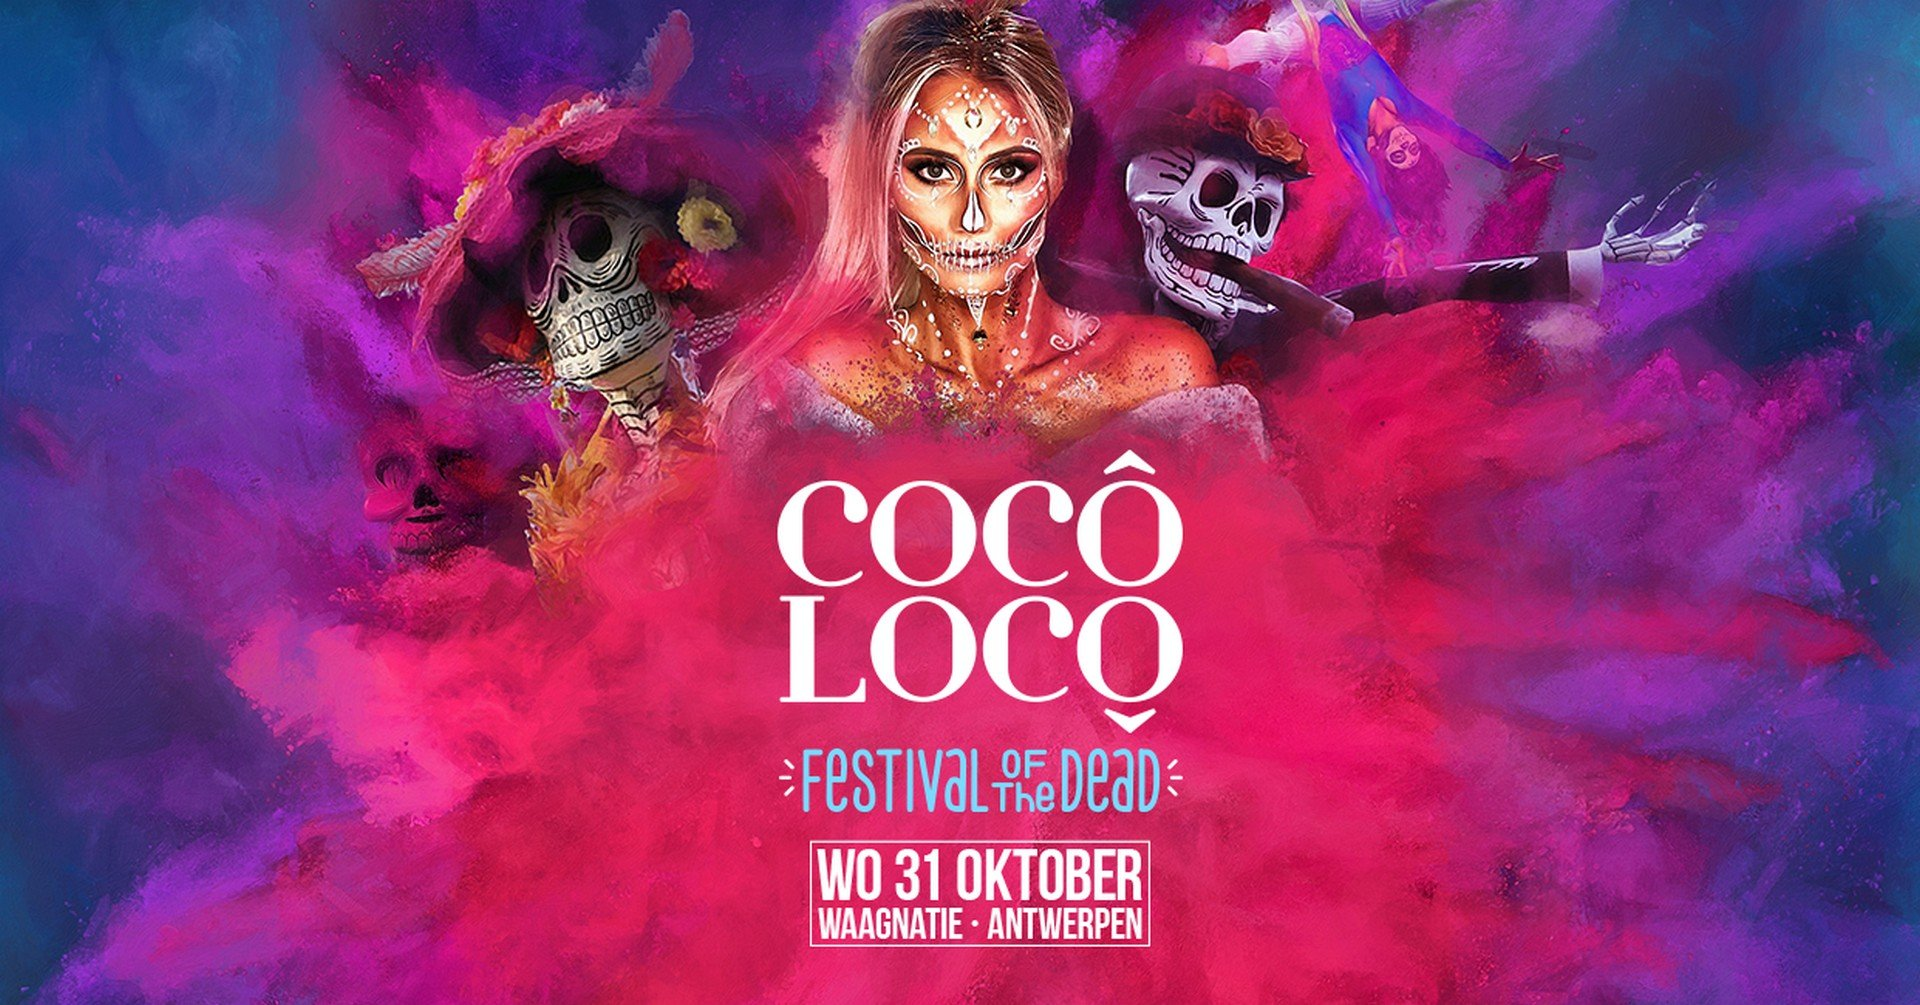 Succesvol Cocô Locô Halloween Festival krijgt volgend jaar een 2de editie - Coco Loco 1